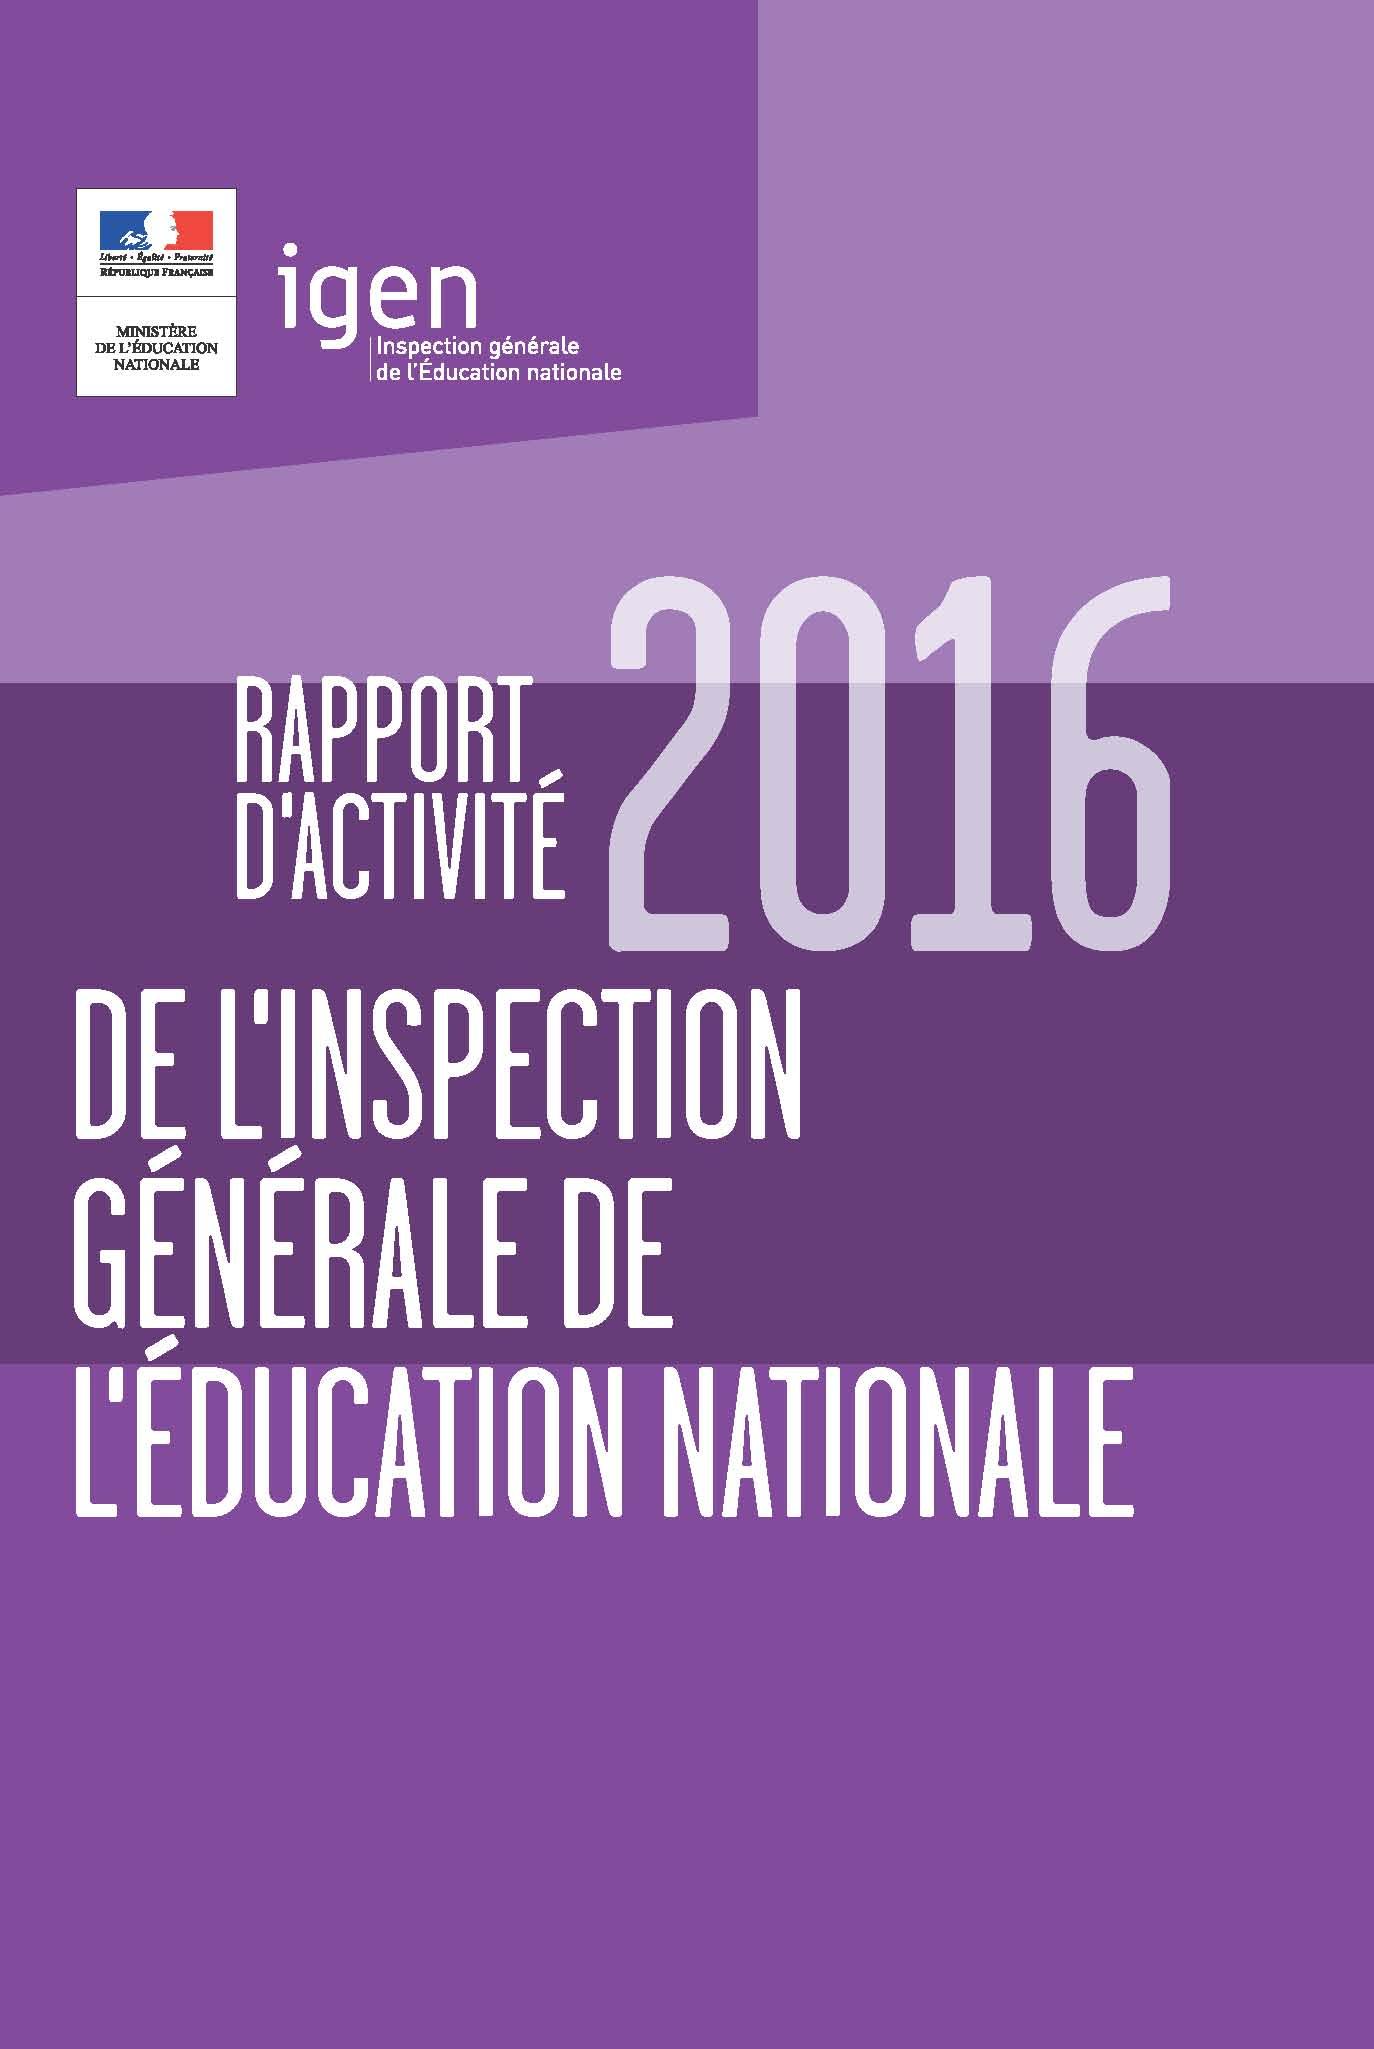 Rapport d'activité IGEN 2016